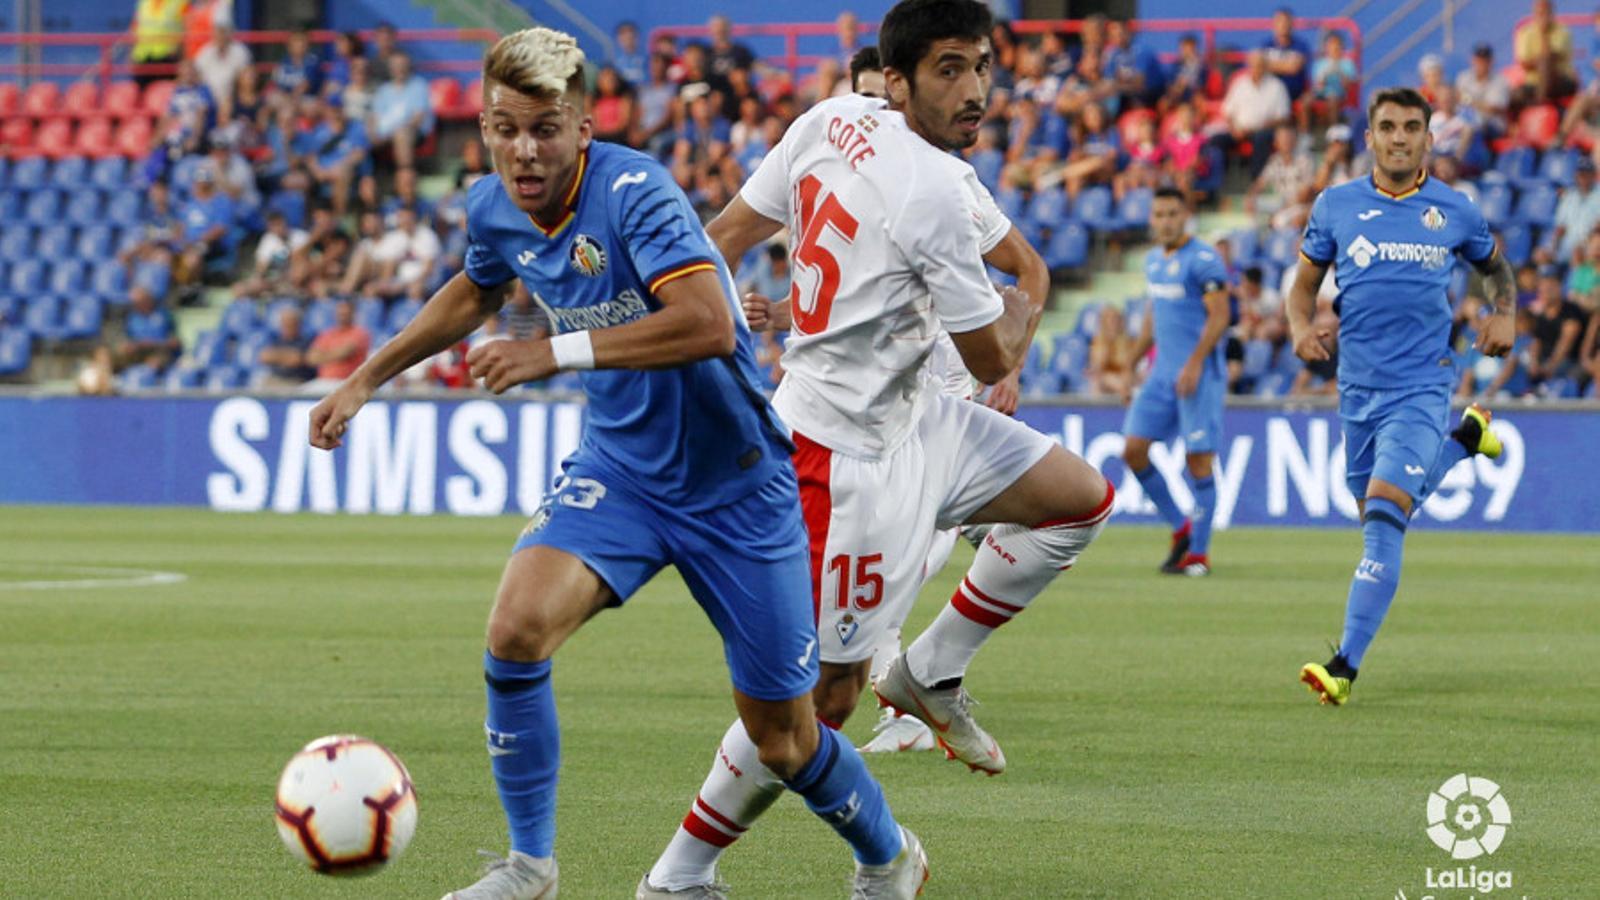 Iván Alejo, durant un partit d'aquesta temporada